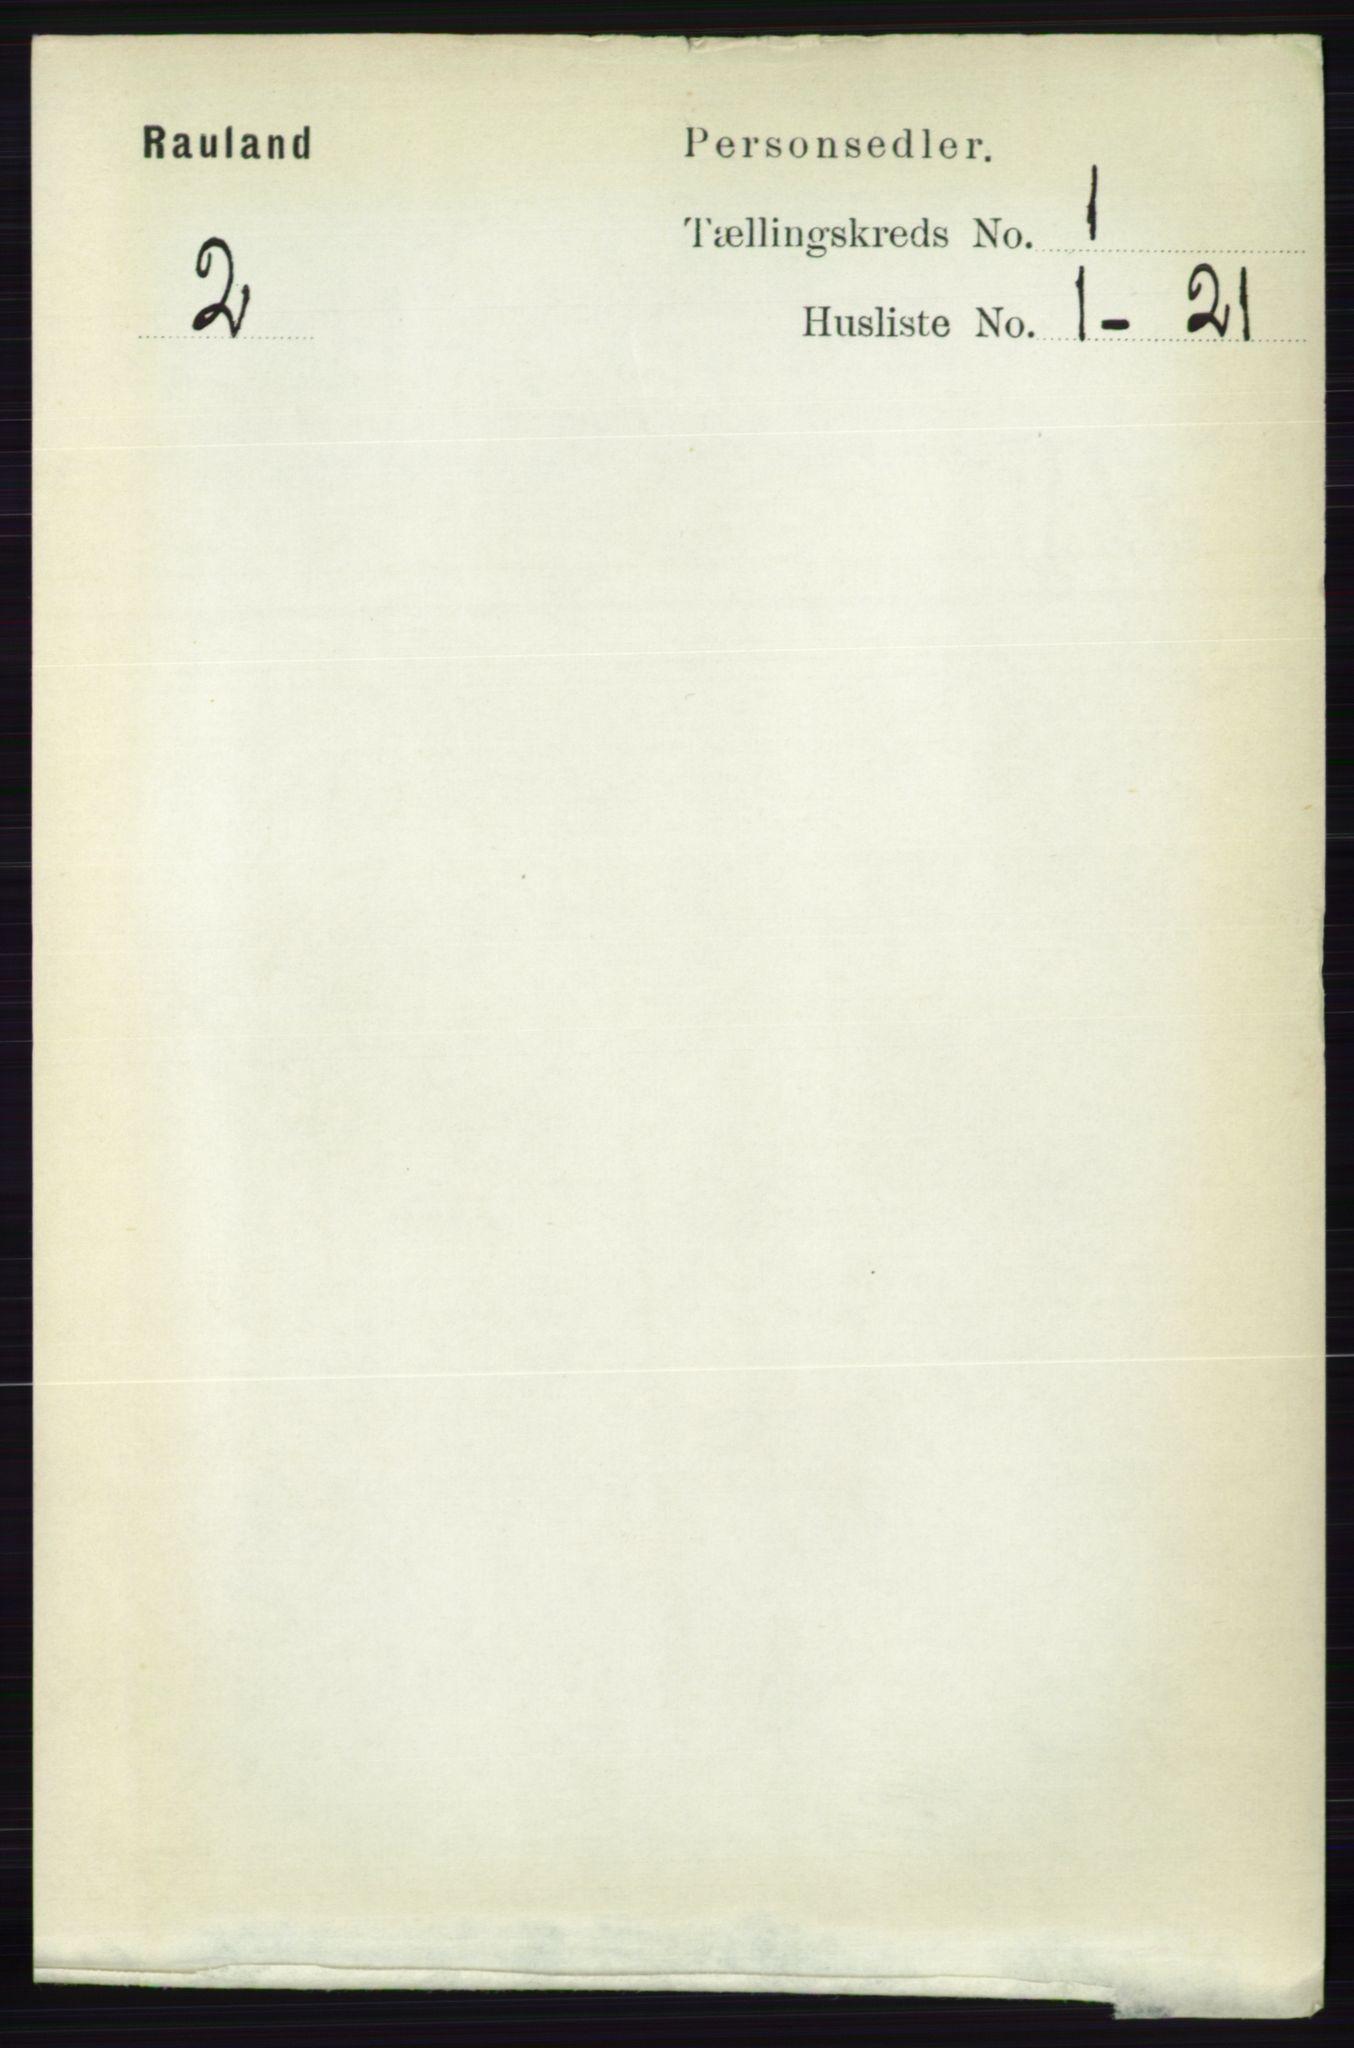 RA, Folketelling 1891 for 0835 Rauland herred, 1891, s. 37